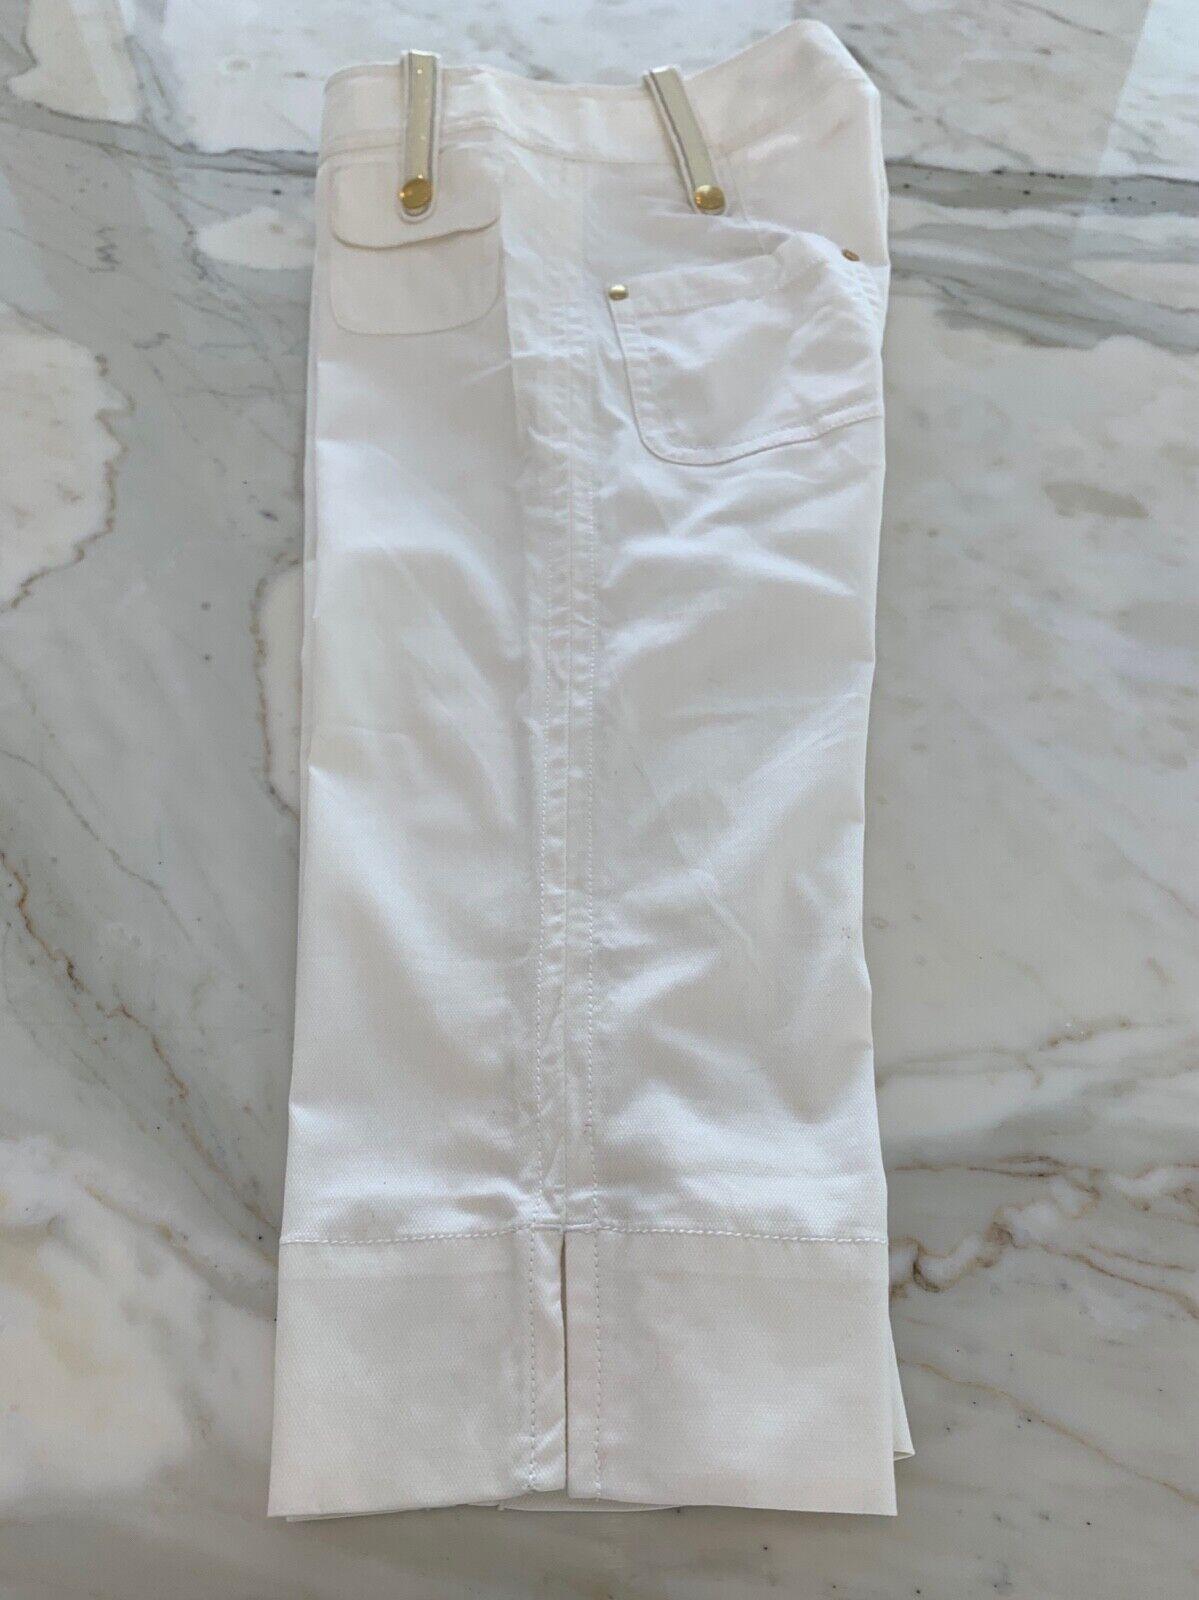 LaROK WHITE CAPRIS CROPPED PANTS SIZE 6